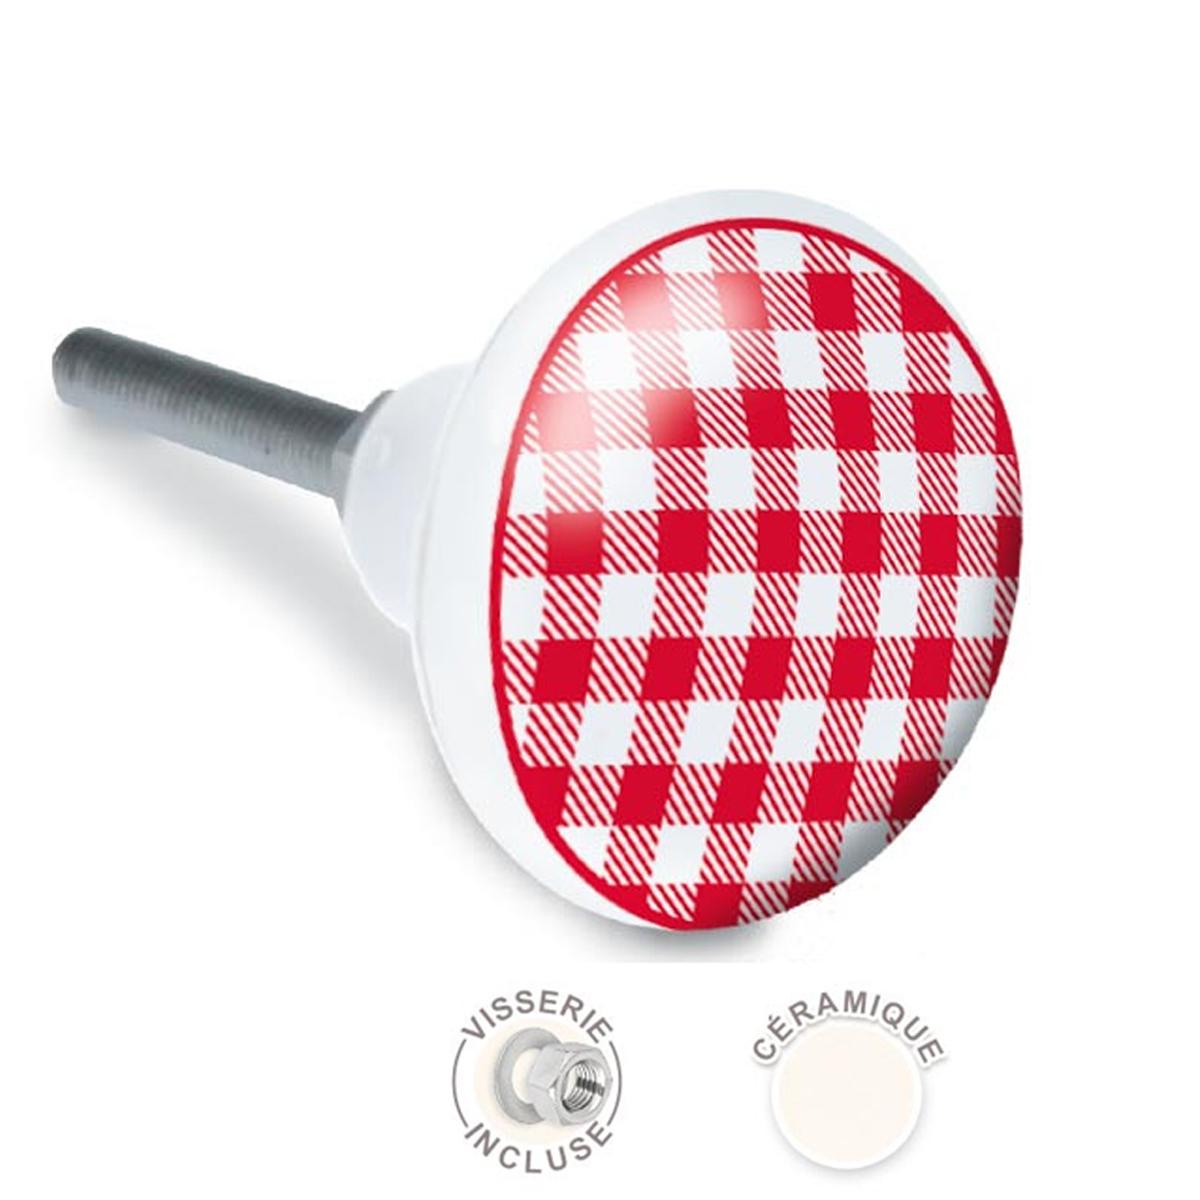 Bouton meuble céramique \'Carreaux vichy\' rouge blanc - 65x35 mm - [A2527]